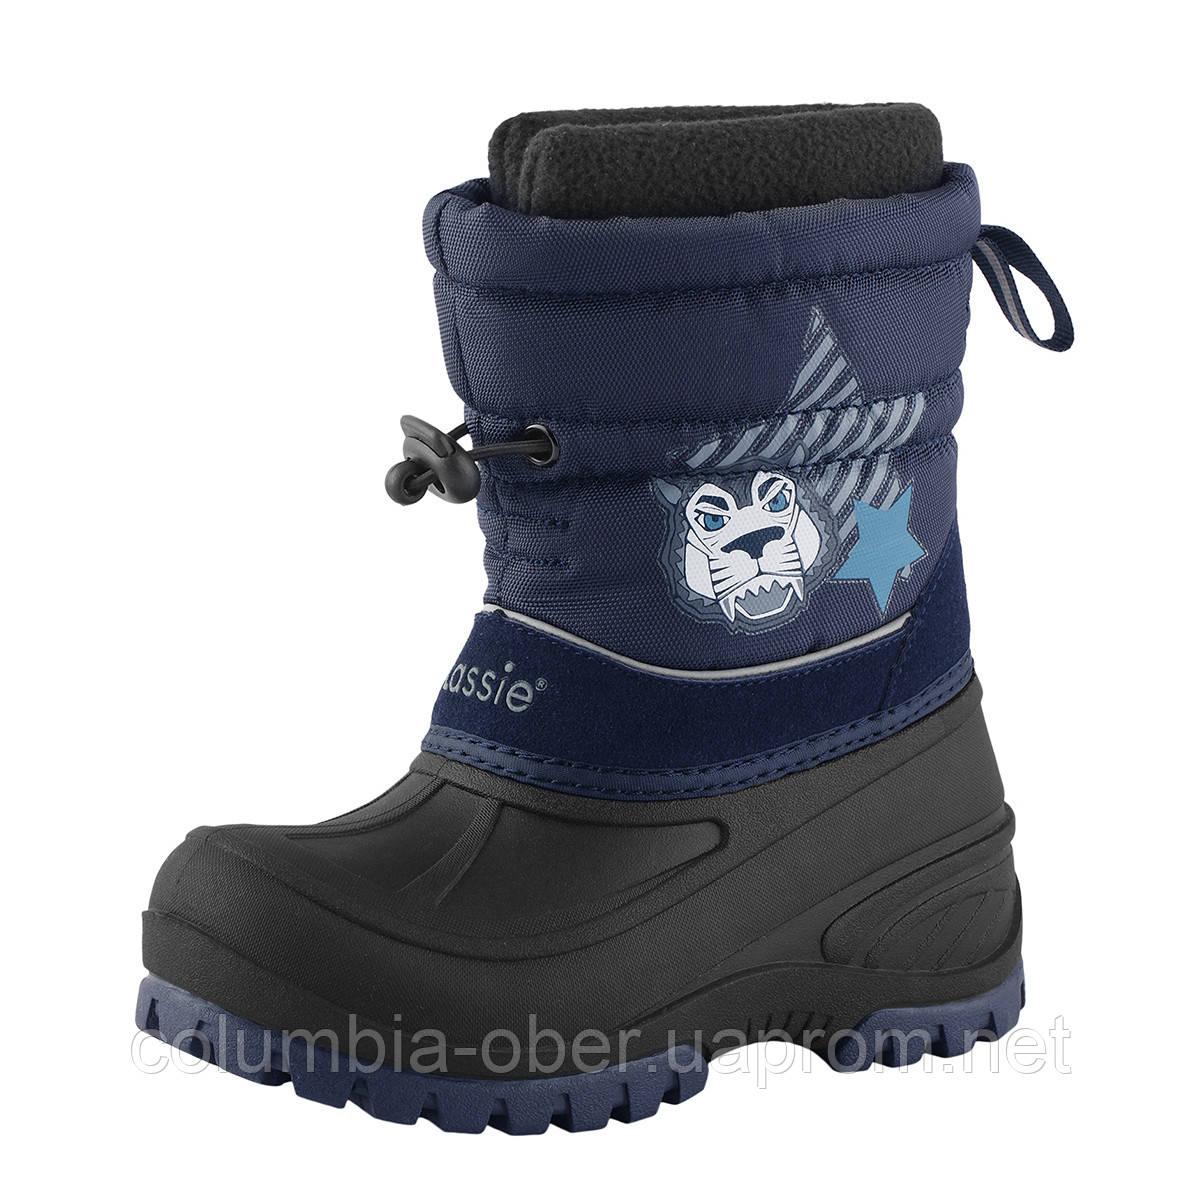 be35d138c Зимние сапоги - сноубутсы для мальчика Lassie 769121-6950. Размеры 24 и 26.